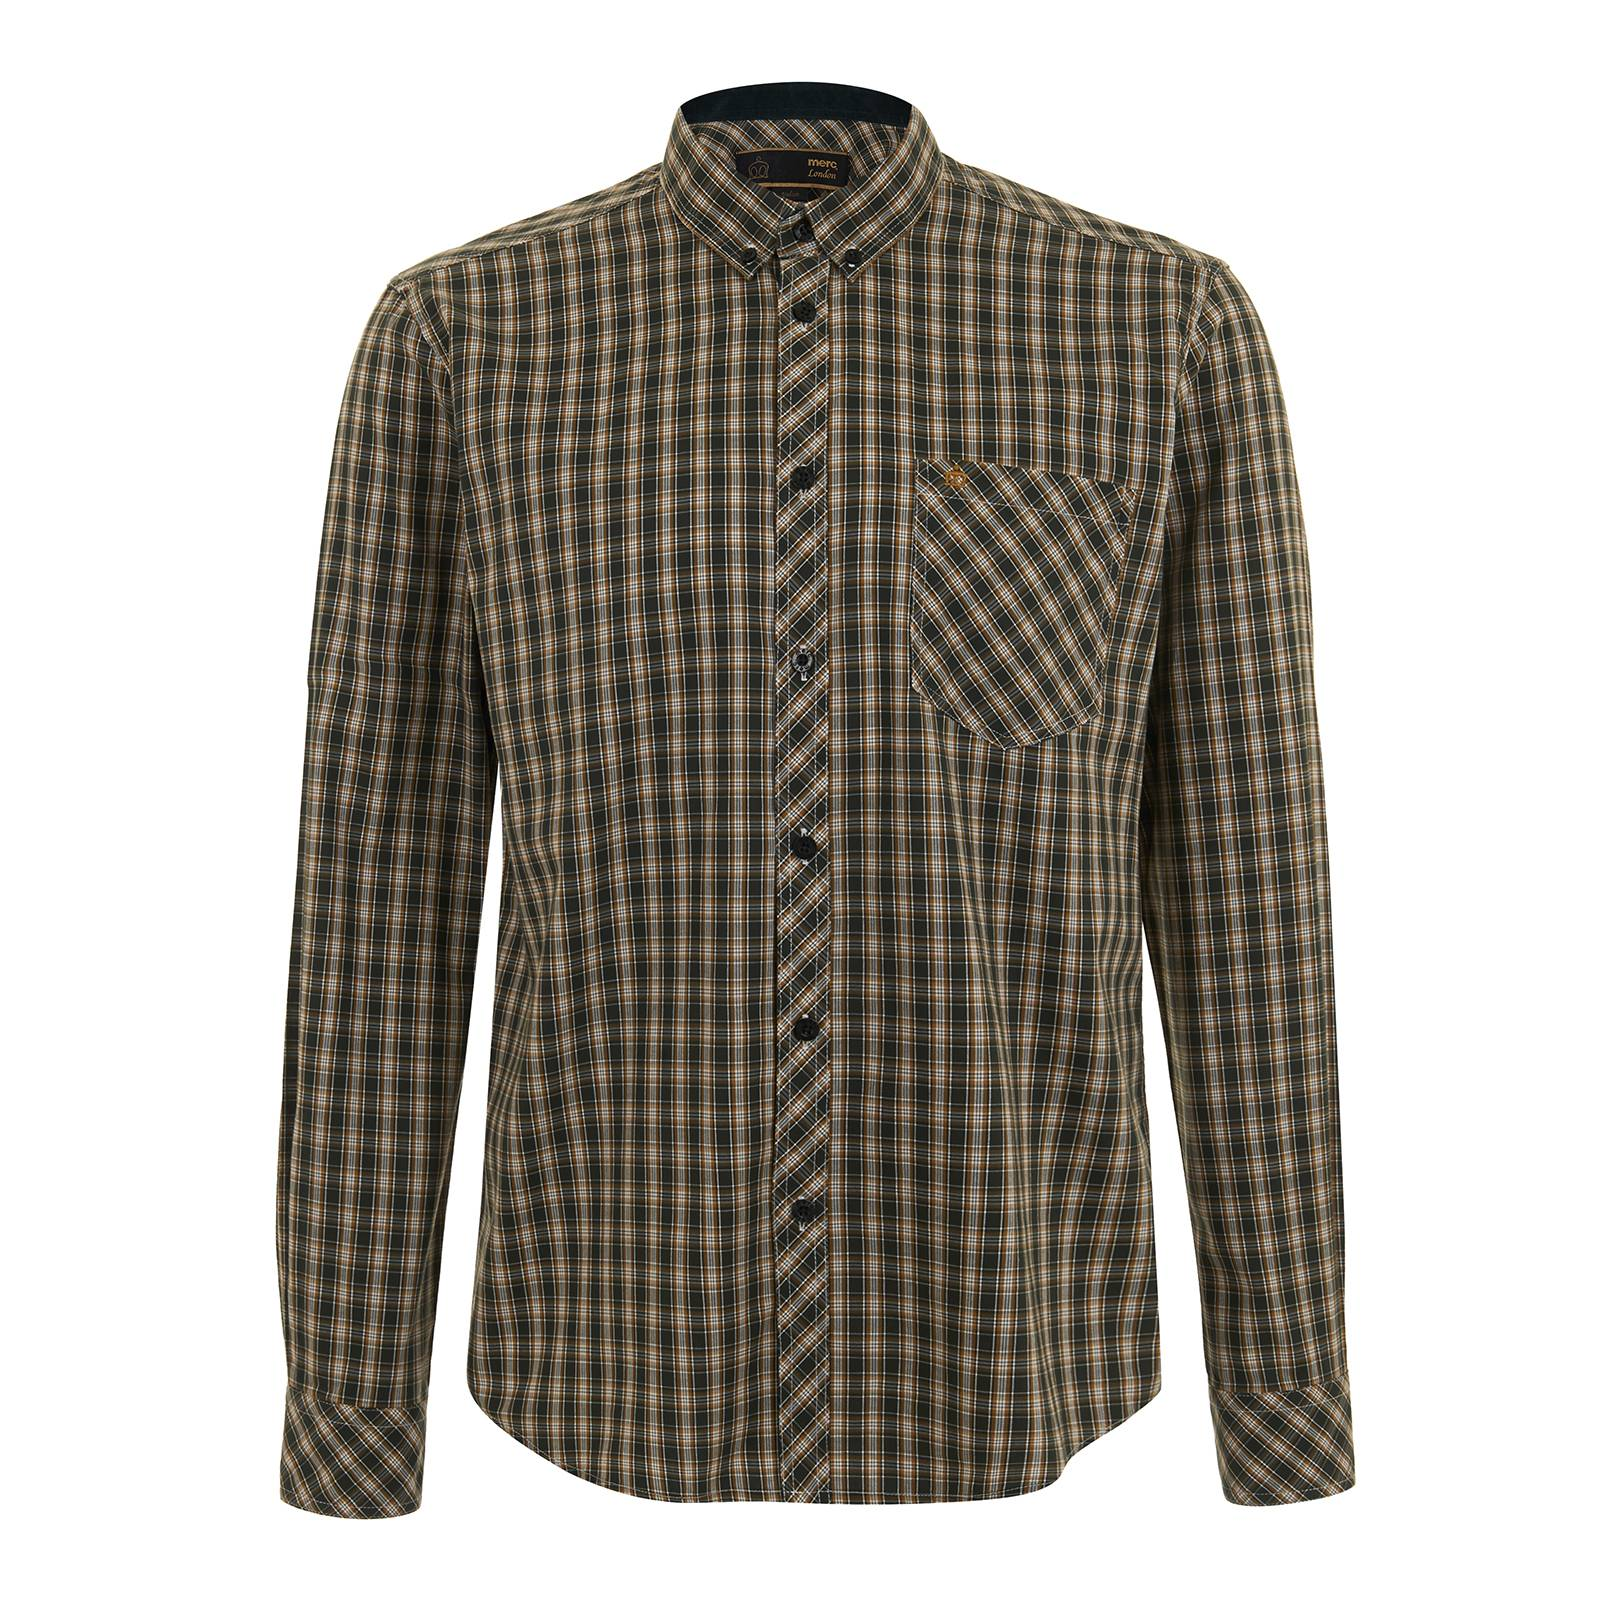 Рубашка RoswellРубашки<br>Приталенного покроя мужская рубашка, изготовленная из традиционной рубашечной ткани поплин с классическим клетчатым узором Plaid, – вневременный must-have кэжуального гардероба для истинных ценителей британской моды. Функциональный стиль позволяет свободно вписать эту рубашку практически в любой комплект. Практичный фасон button-down воротника делает её идеальной парой к V-образному пуловеру или кардигану на пуговицах с глубоким вырезом горловины. Она удобно заправляется в брюки, в качестве которых могут выступать как шерстяные твидовые модели, так и более привычные зауженные Sta-Prest. Широкий диапазон обуви для комбинации с этой рубашкой включает почти все культовые ботинки – от дезертов и брогов до пенни лоферов и Chelsea Boot. Брендирована фирменным логотипом Корона, вышитым на нагрудном кармане слева.<br><br>Артикул: 1515210<br>Материал: 100% хлопок<br>Цвет: зеленый в желто-белую клетку<br>Пол: Мужской